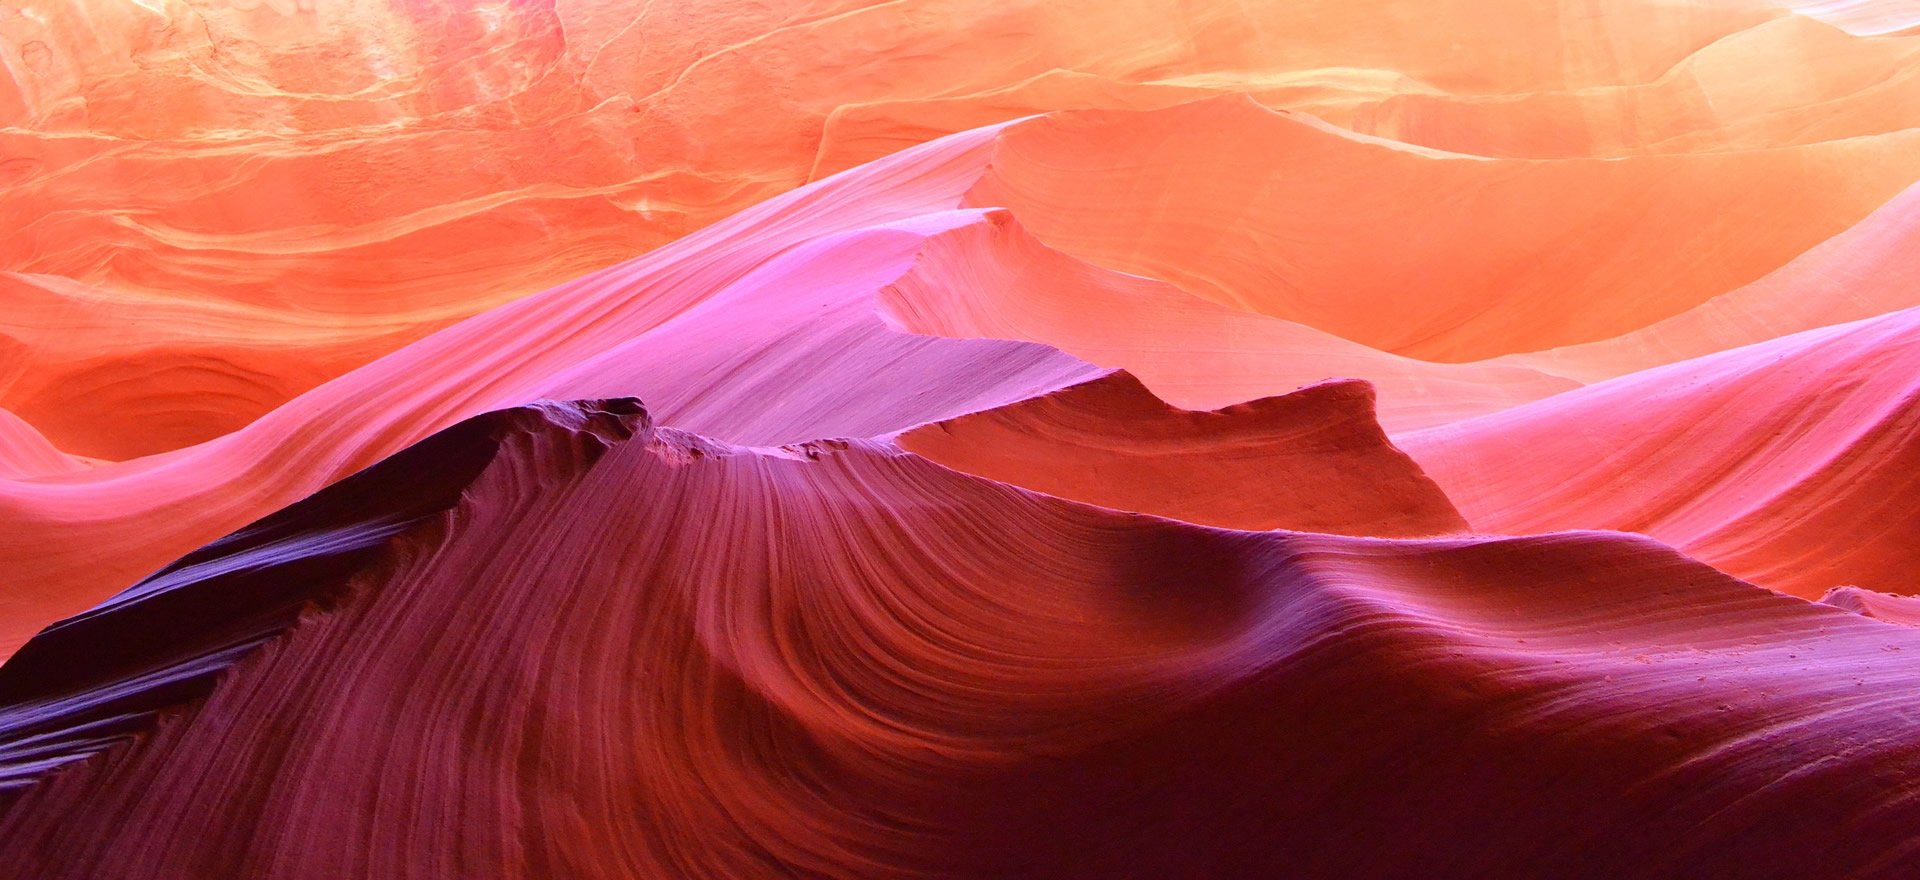 Canyon colors - Farben im Licht - Sinnesfreude erleben